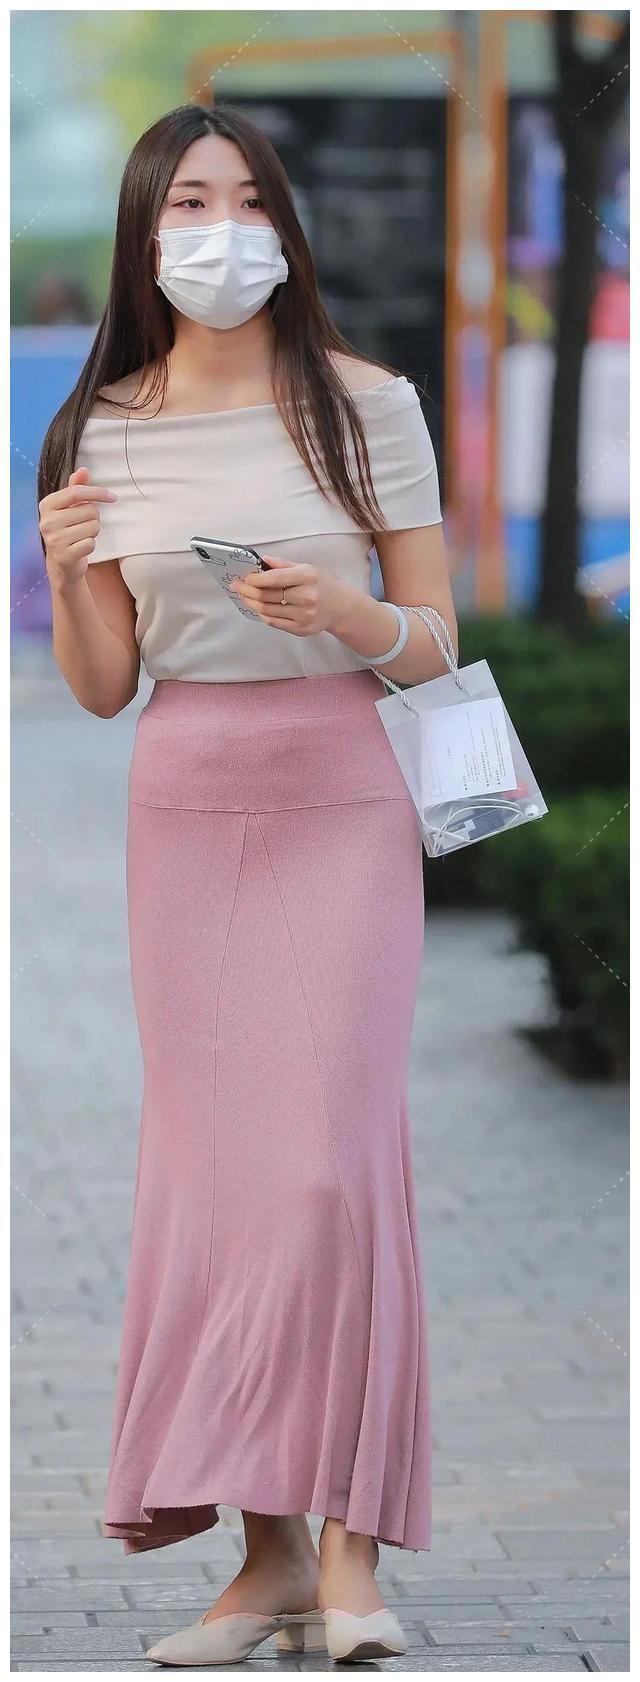 V领款式的粉色连衣裙展现出它温柔的美